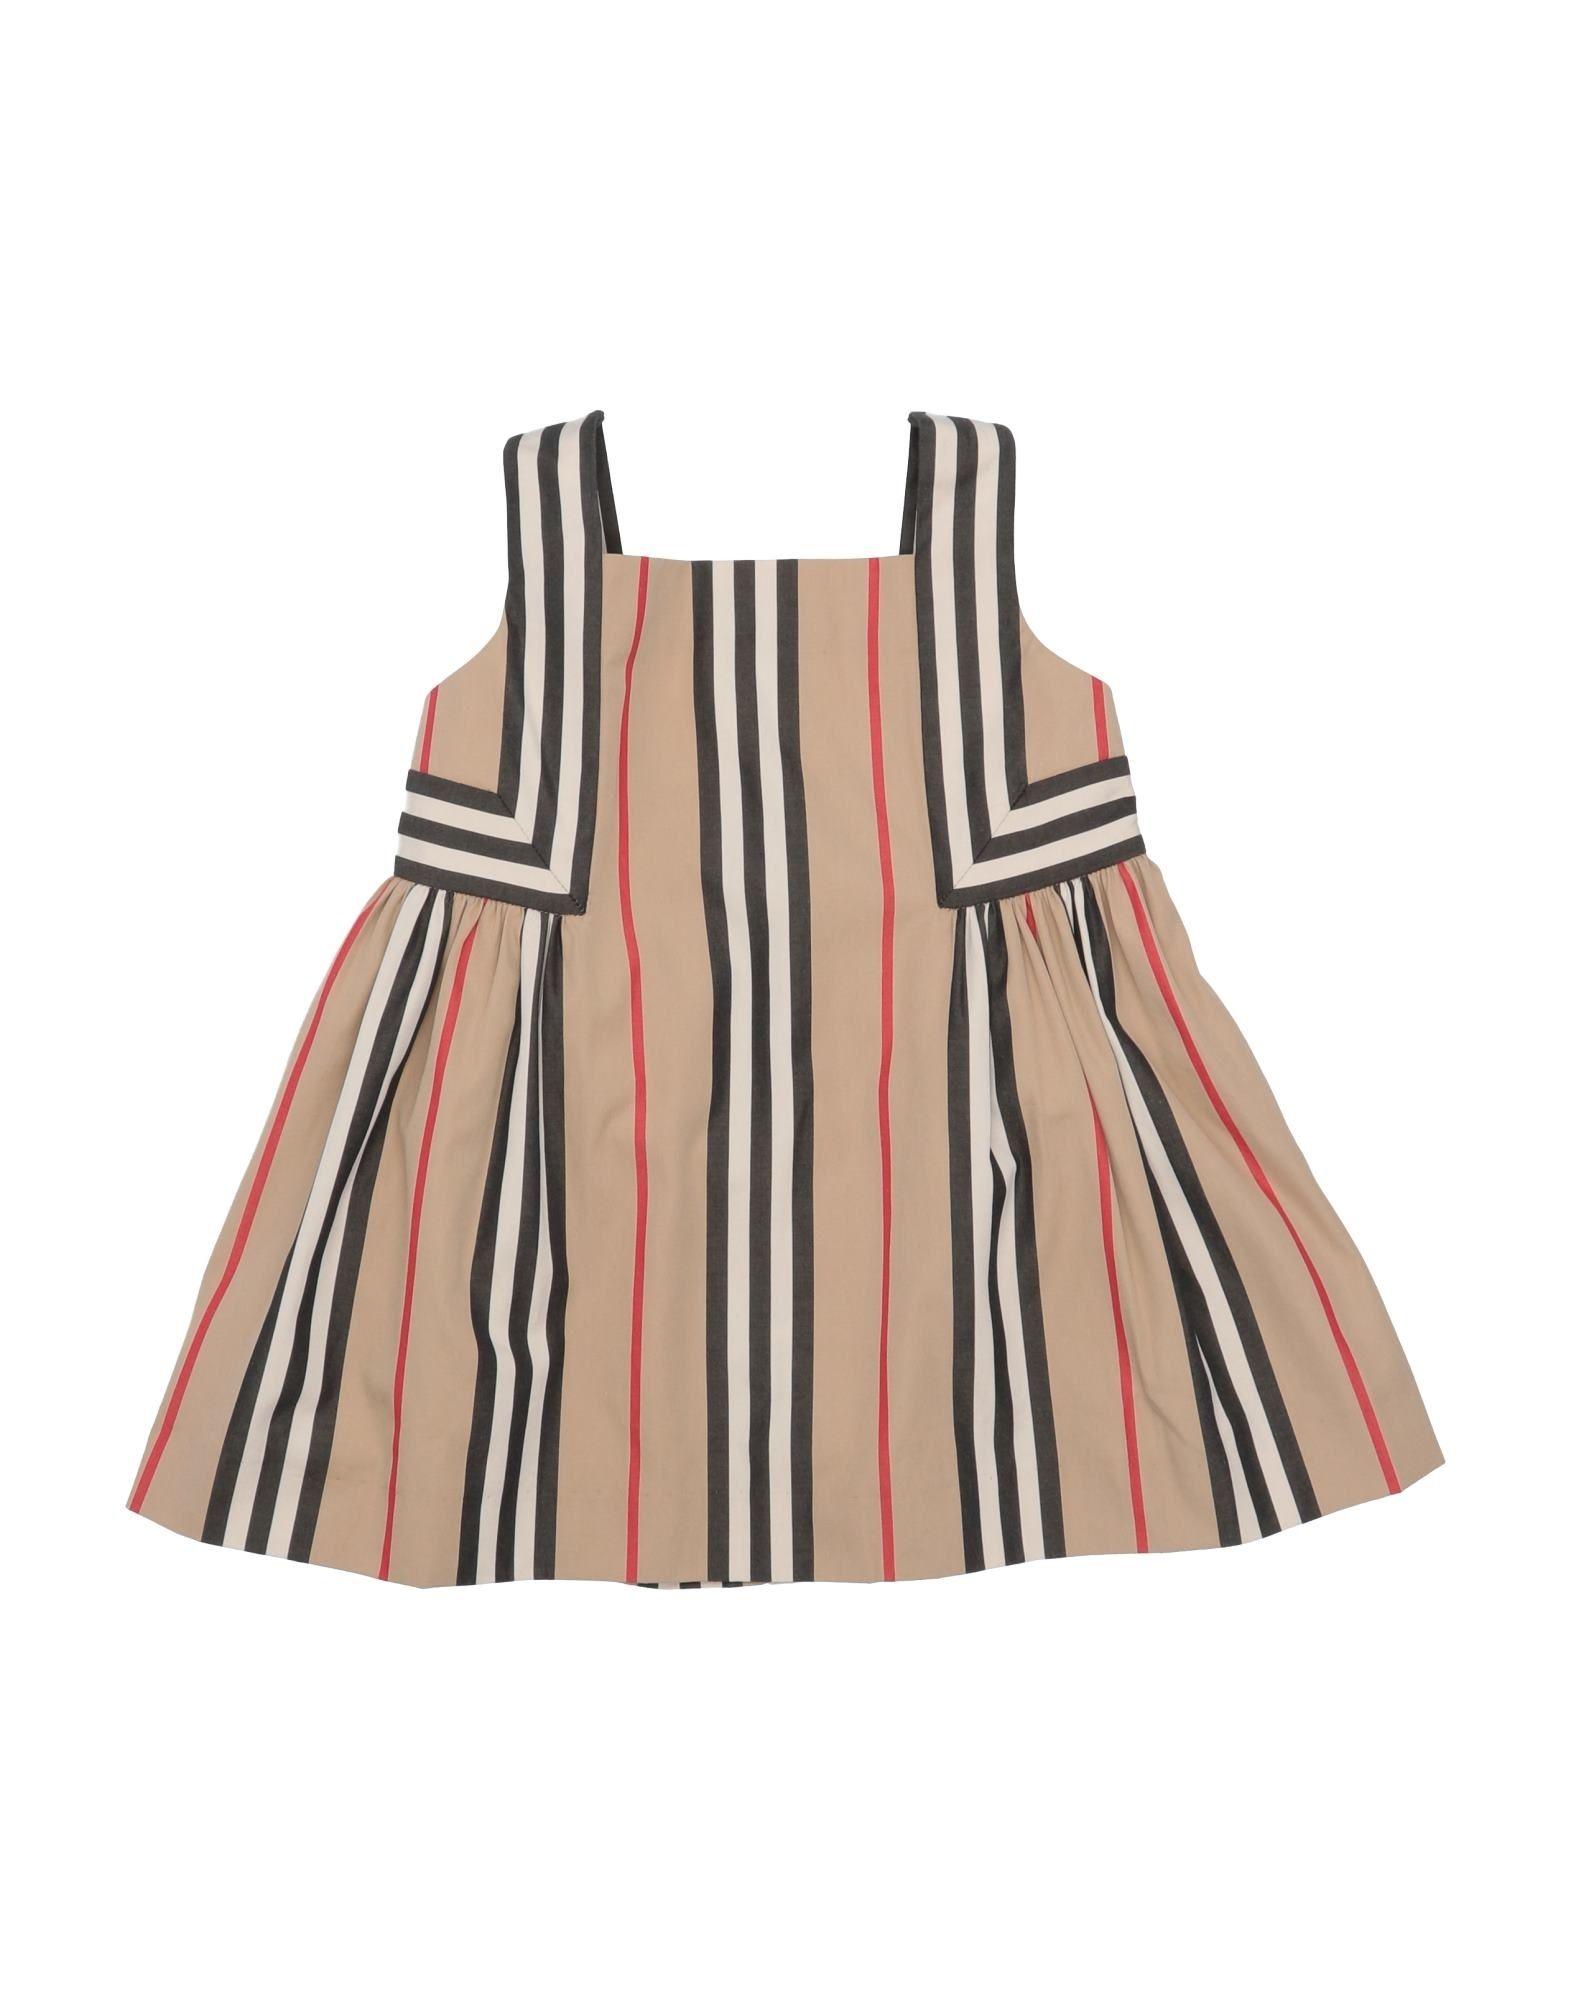 BURBERRY Dresses - Item 15043172